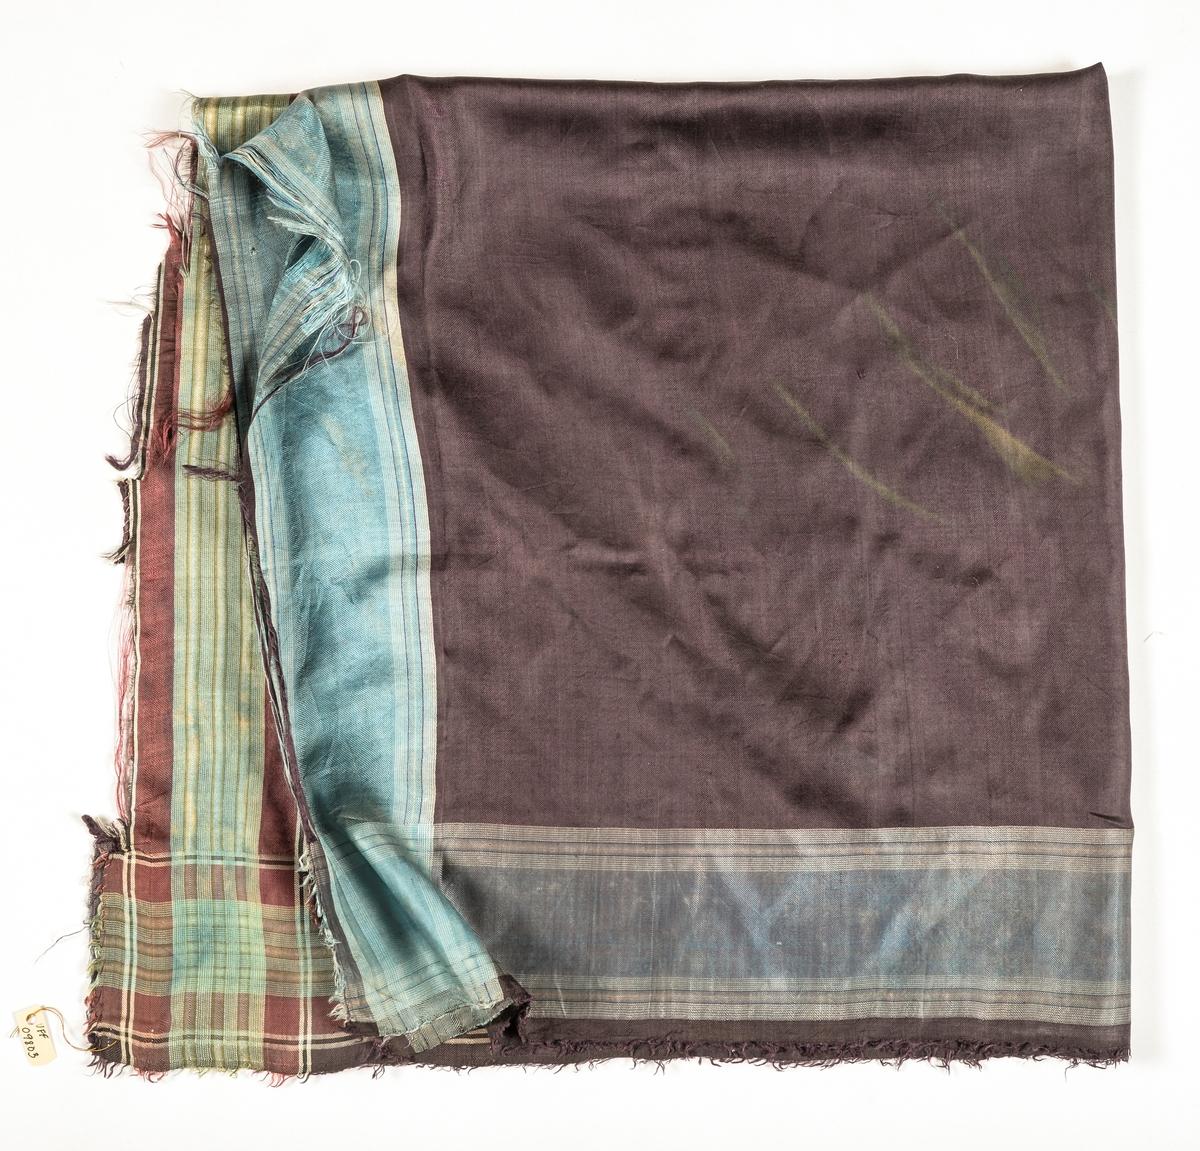 Tørkle i svart kypertvove silke. Bordar langs kantane i blått, kvitt og svart på to sider, og fiolett, grønt og svart på dei to andre. To-preikeplagg. Frynser rundt kantane.